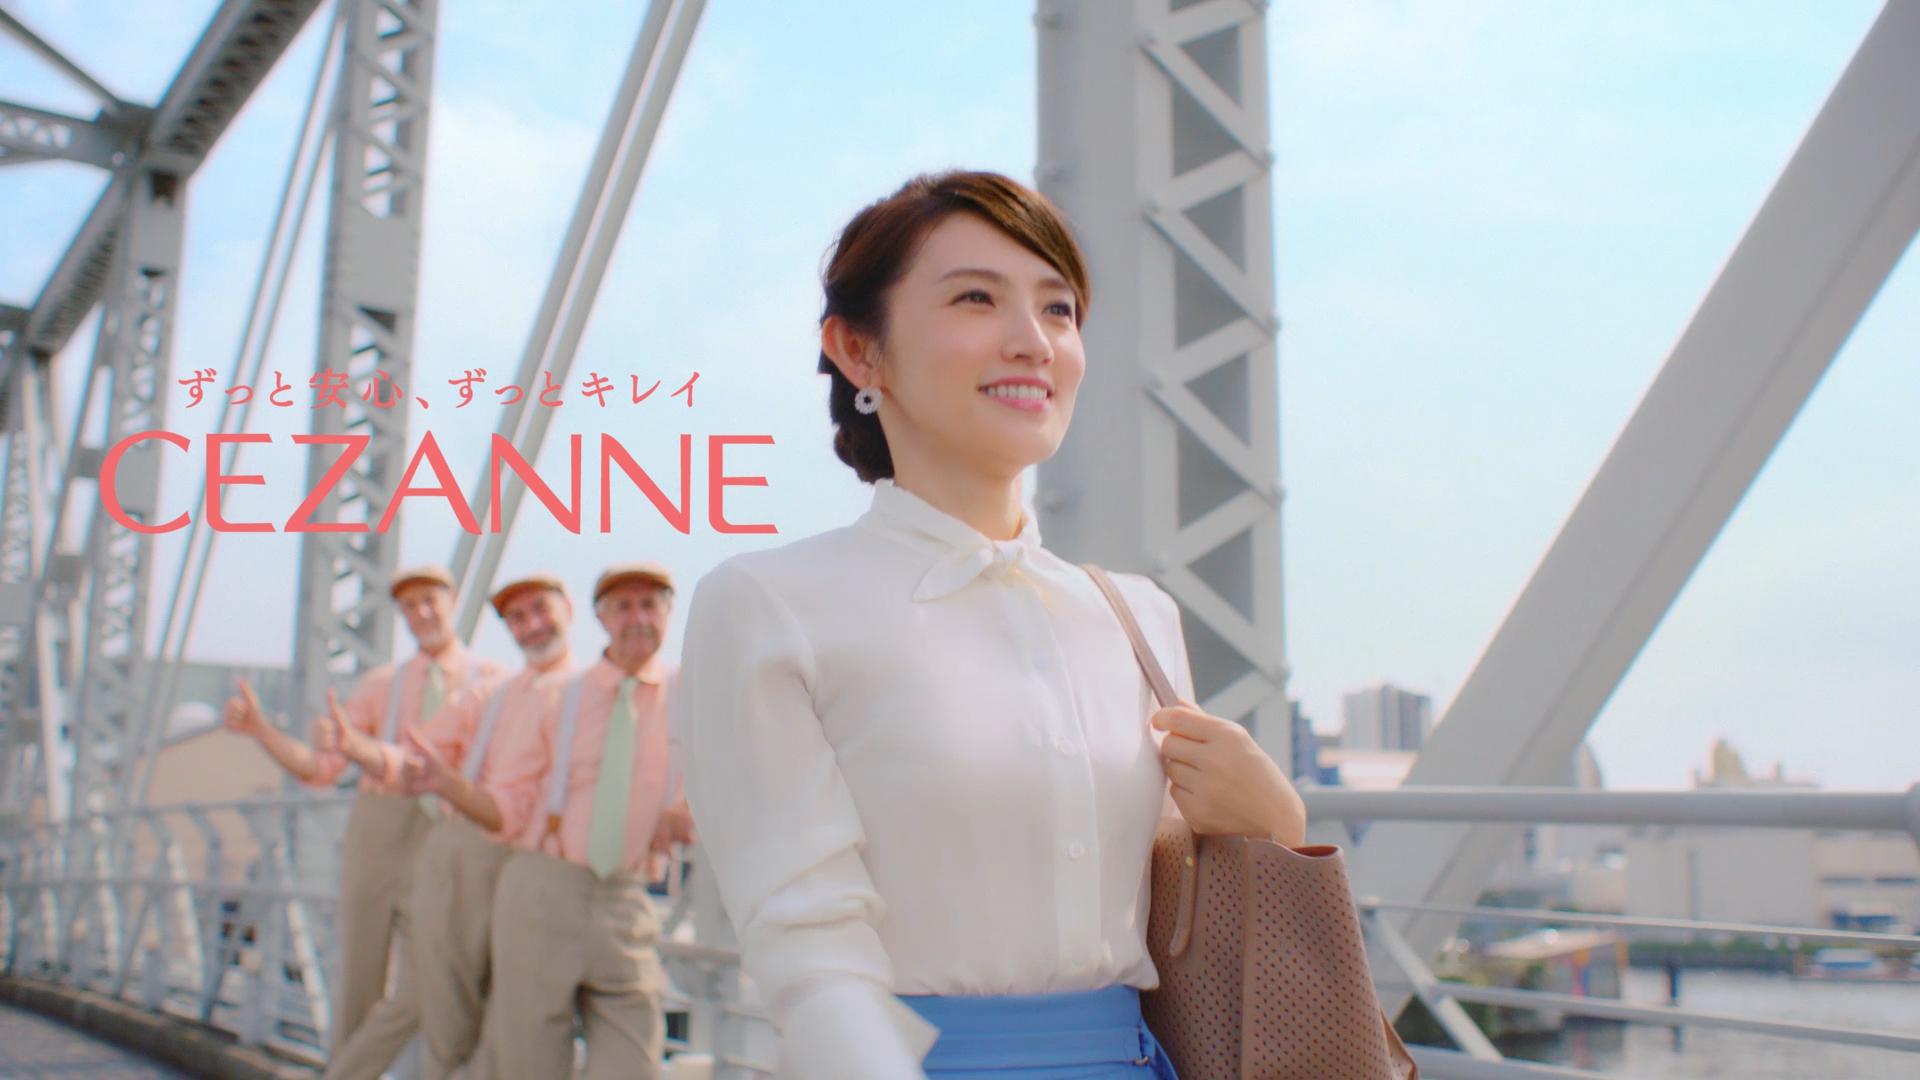 セザンヌ化粧品   パールグロウハイライト「2020-CEZANNE パールグロウハイライト」